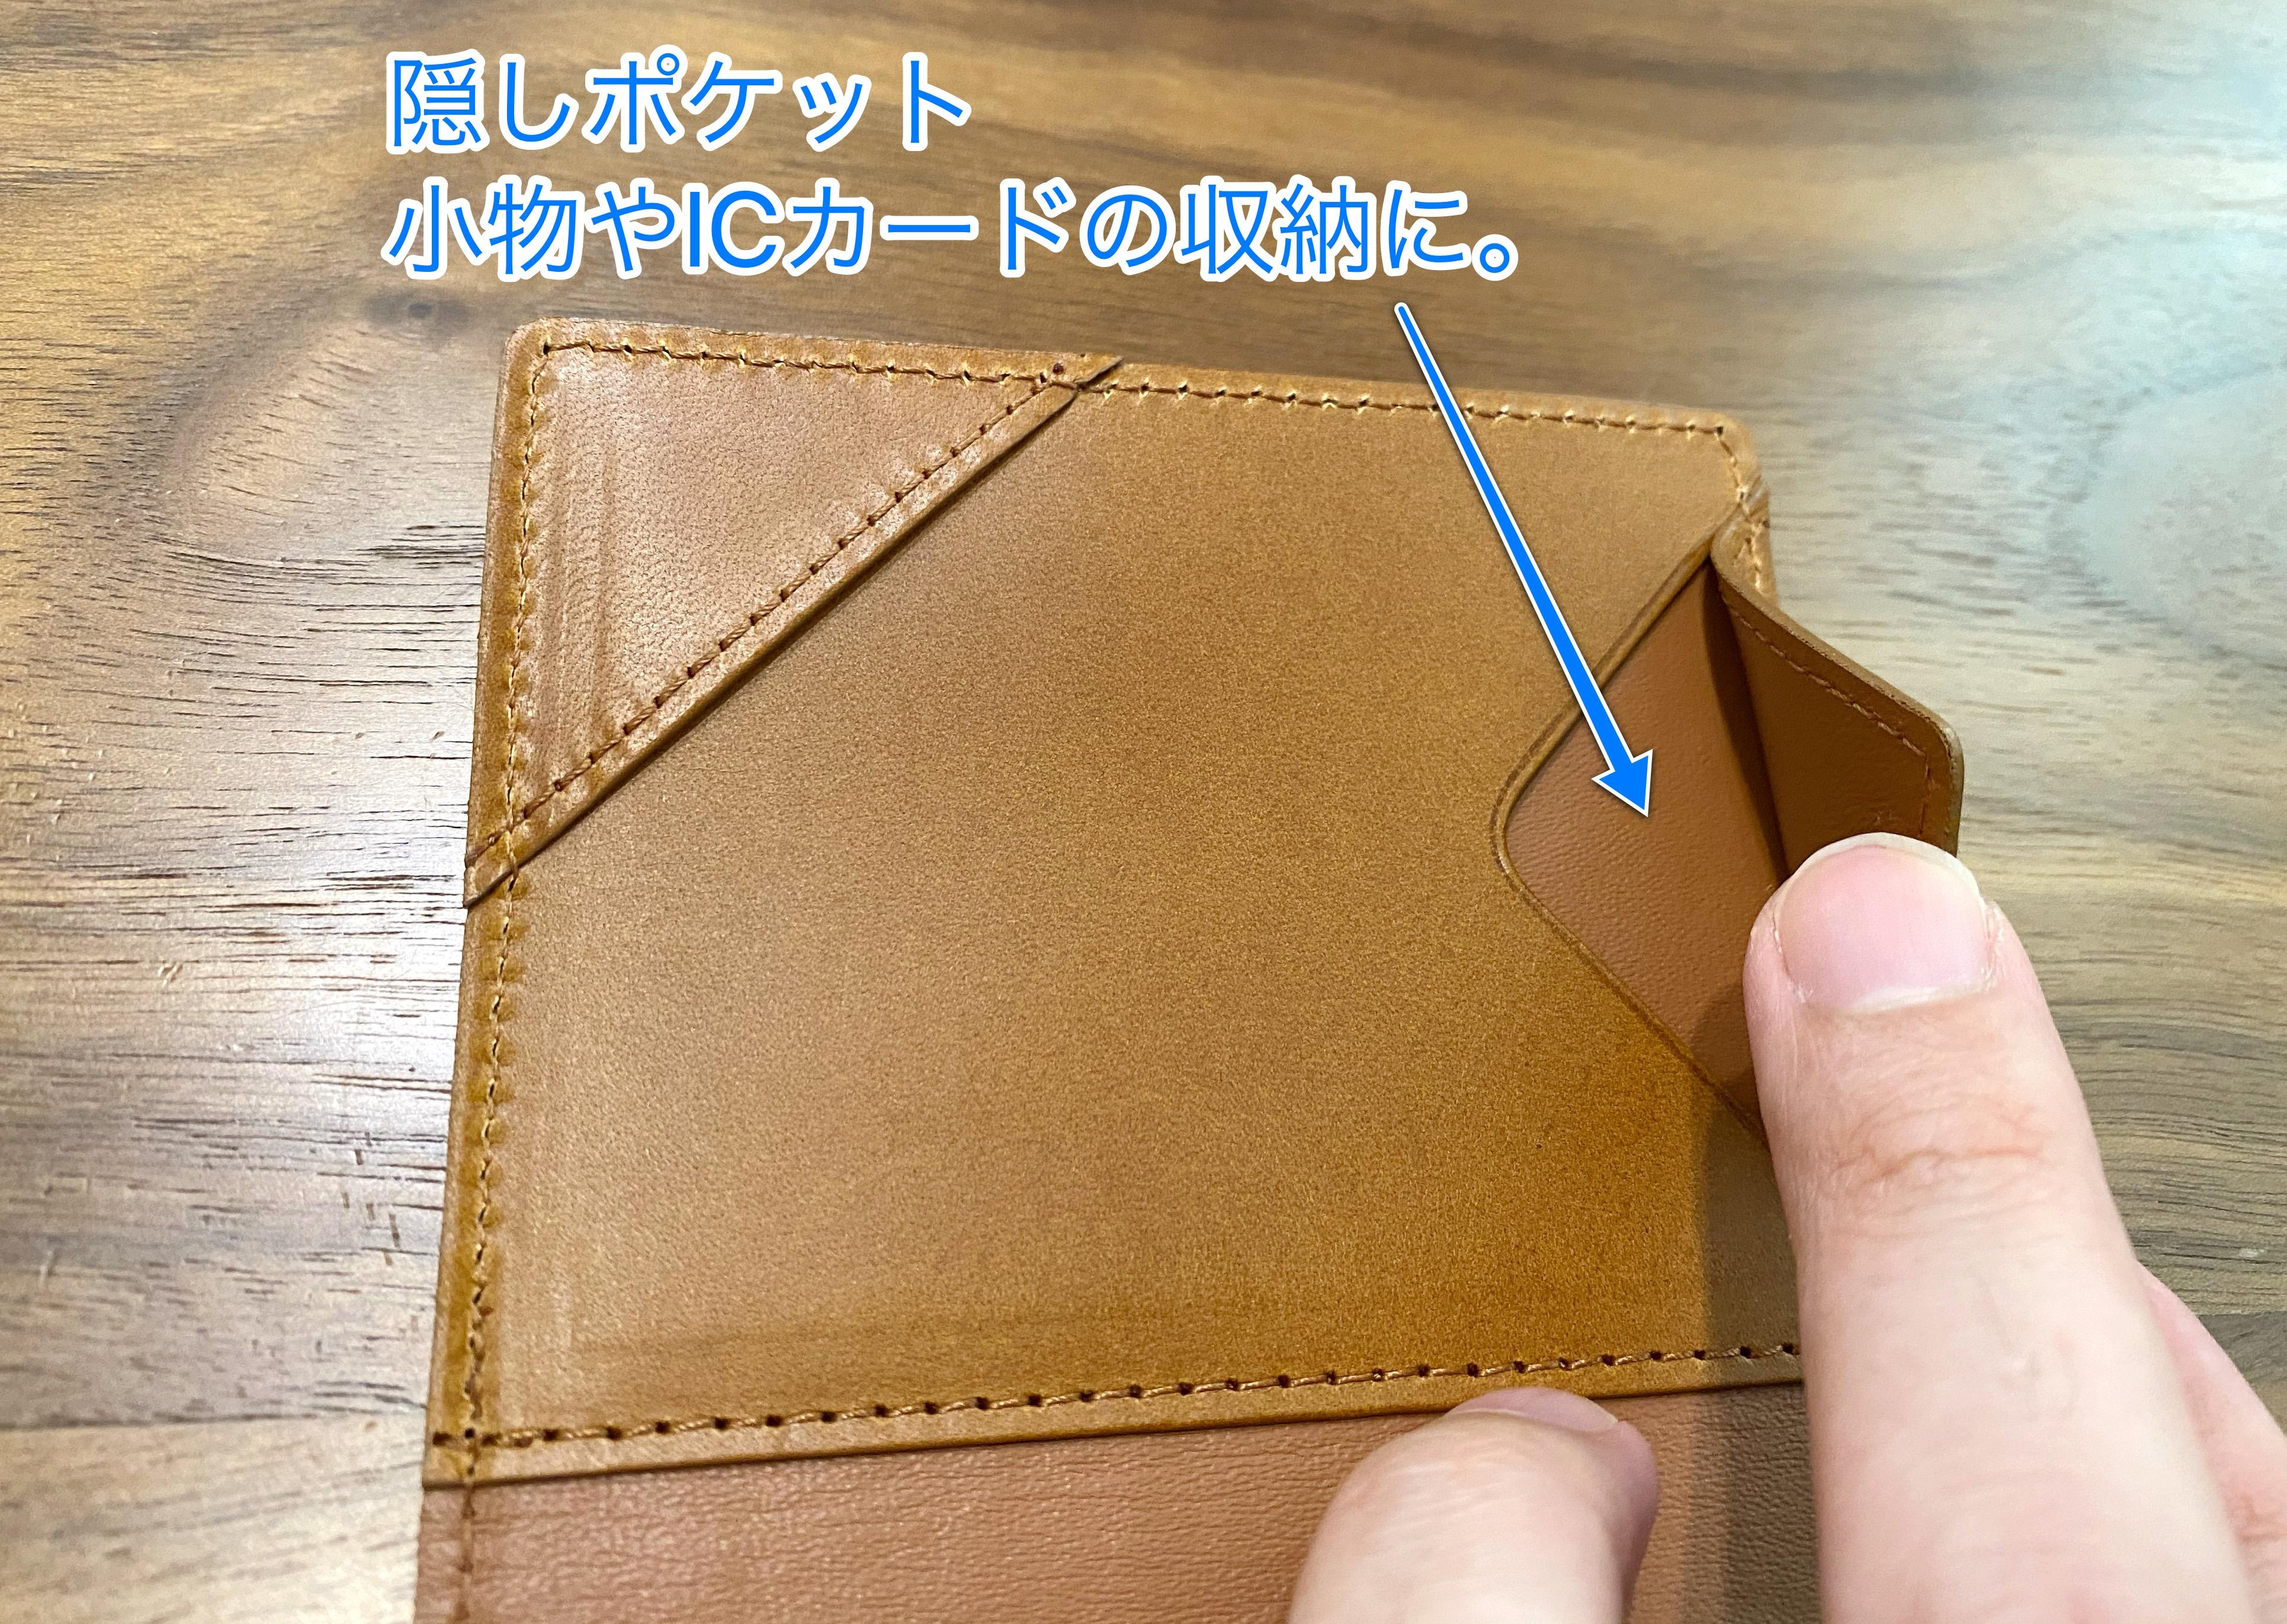 薄い財布 隠しポケット